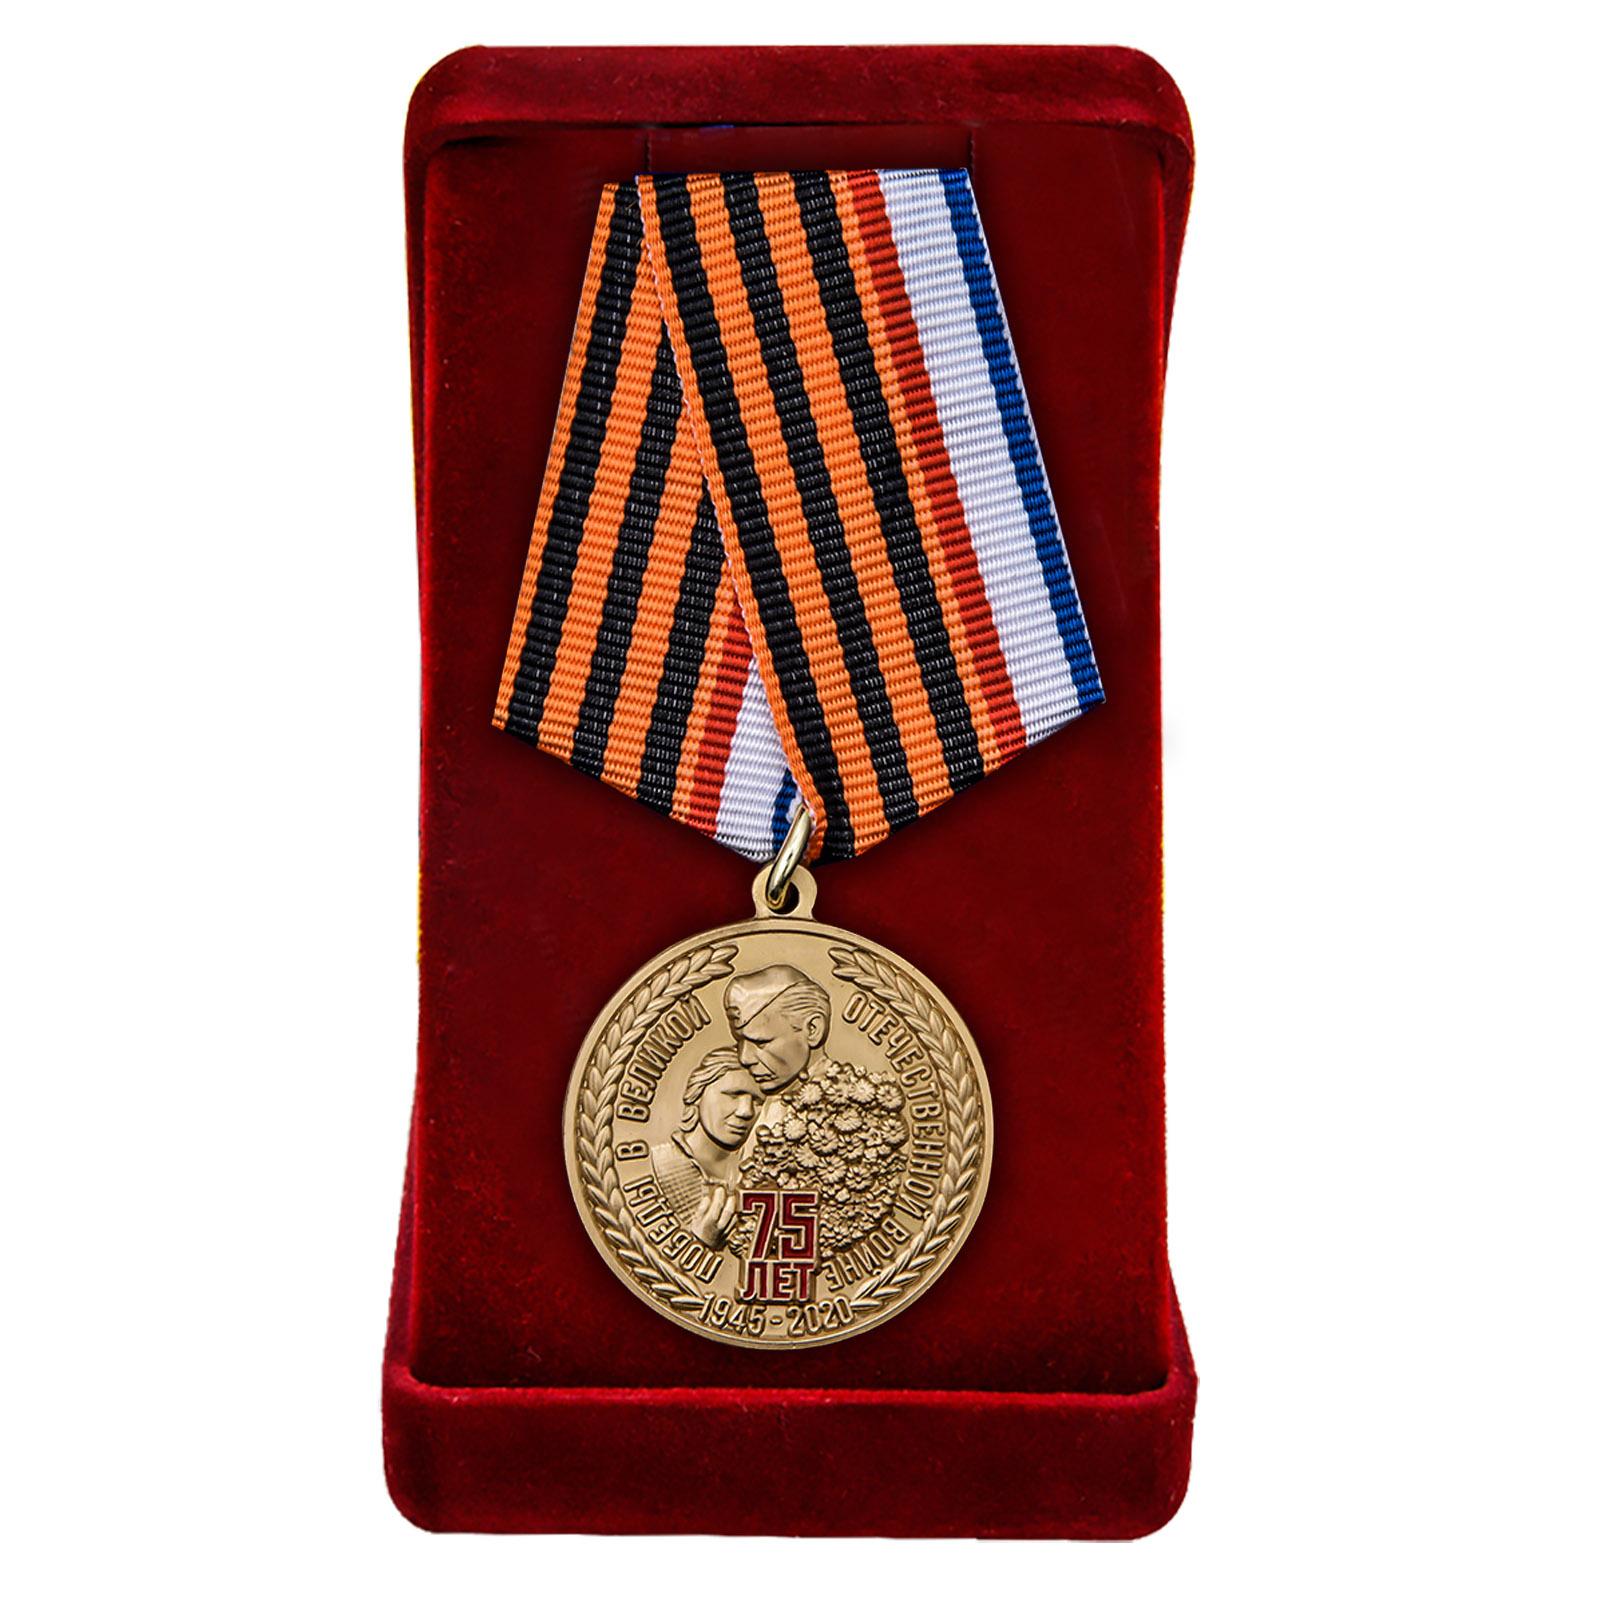 Купить наградную медаль 75 лет Победы в ВОВ Республика Крым в подарок